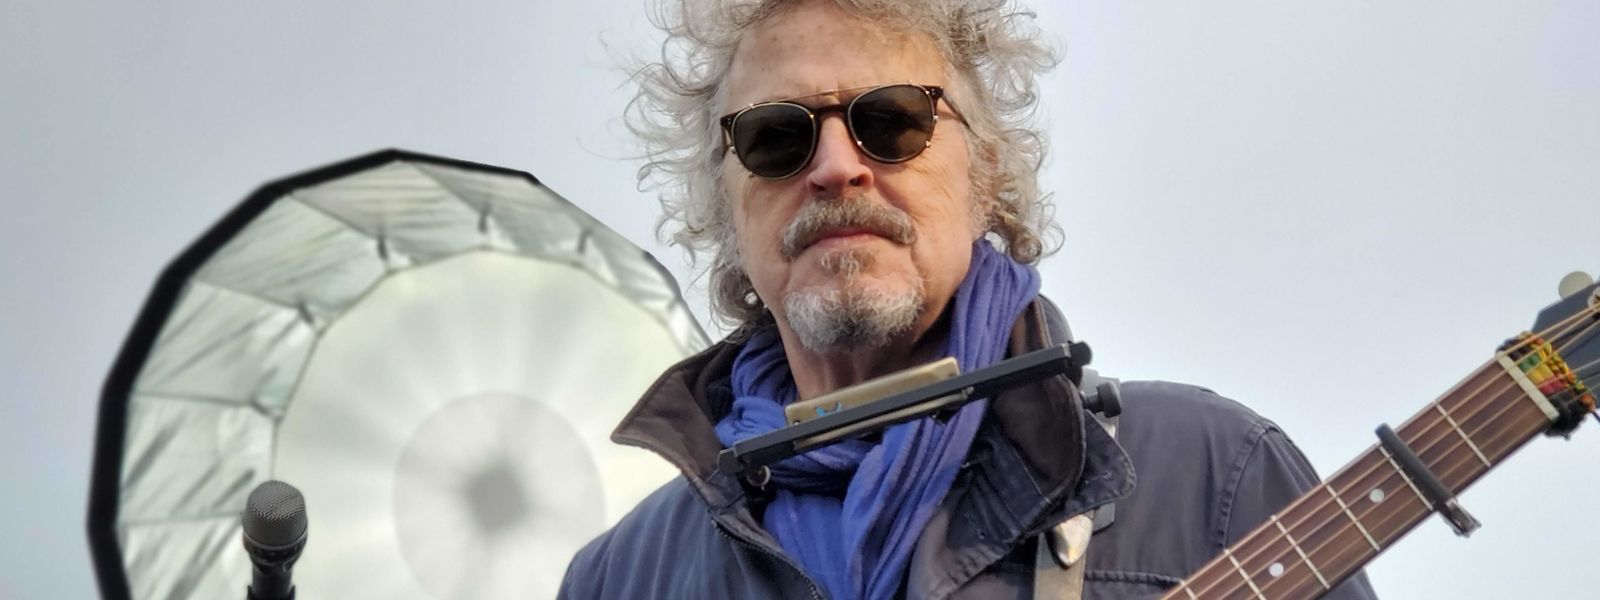 Wolfgang Niedecken – das kölsche Original: Seine Band BAP gründete er im Jahr 1976. Bis heute ist er Sänger, Texter und Komponist ... und einziges verbliebenes Gründungsmitglied.